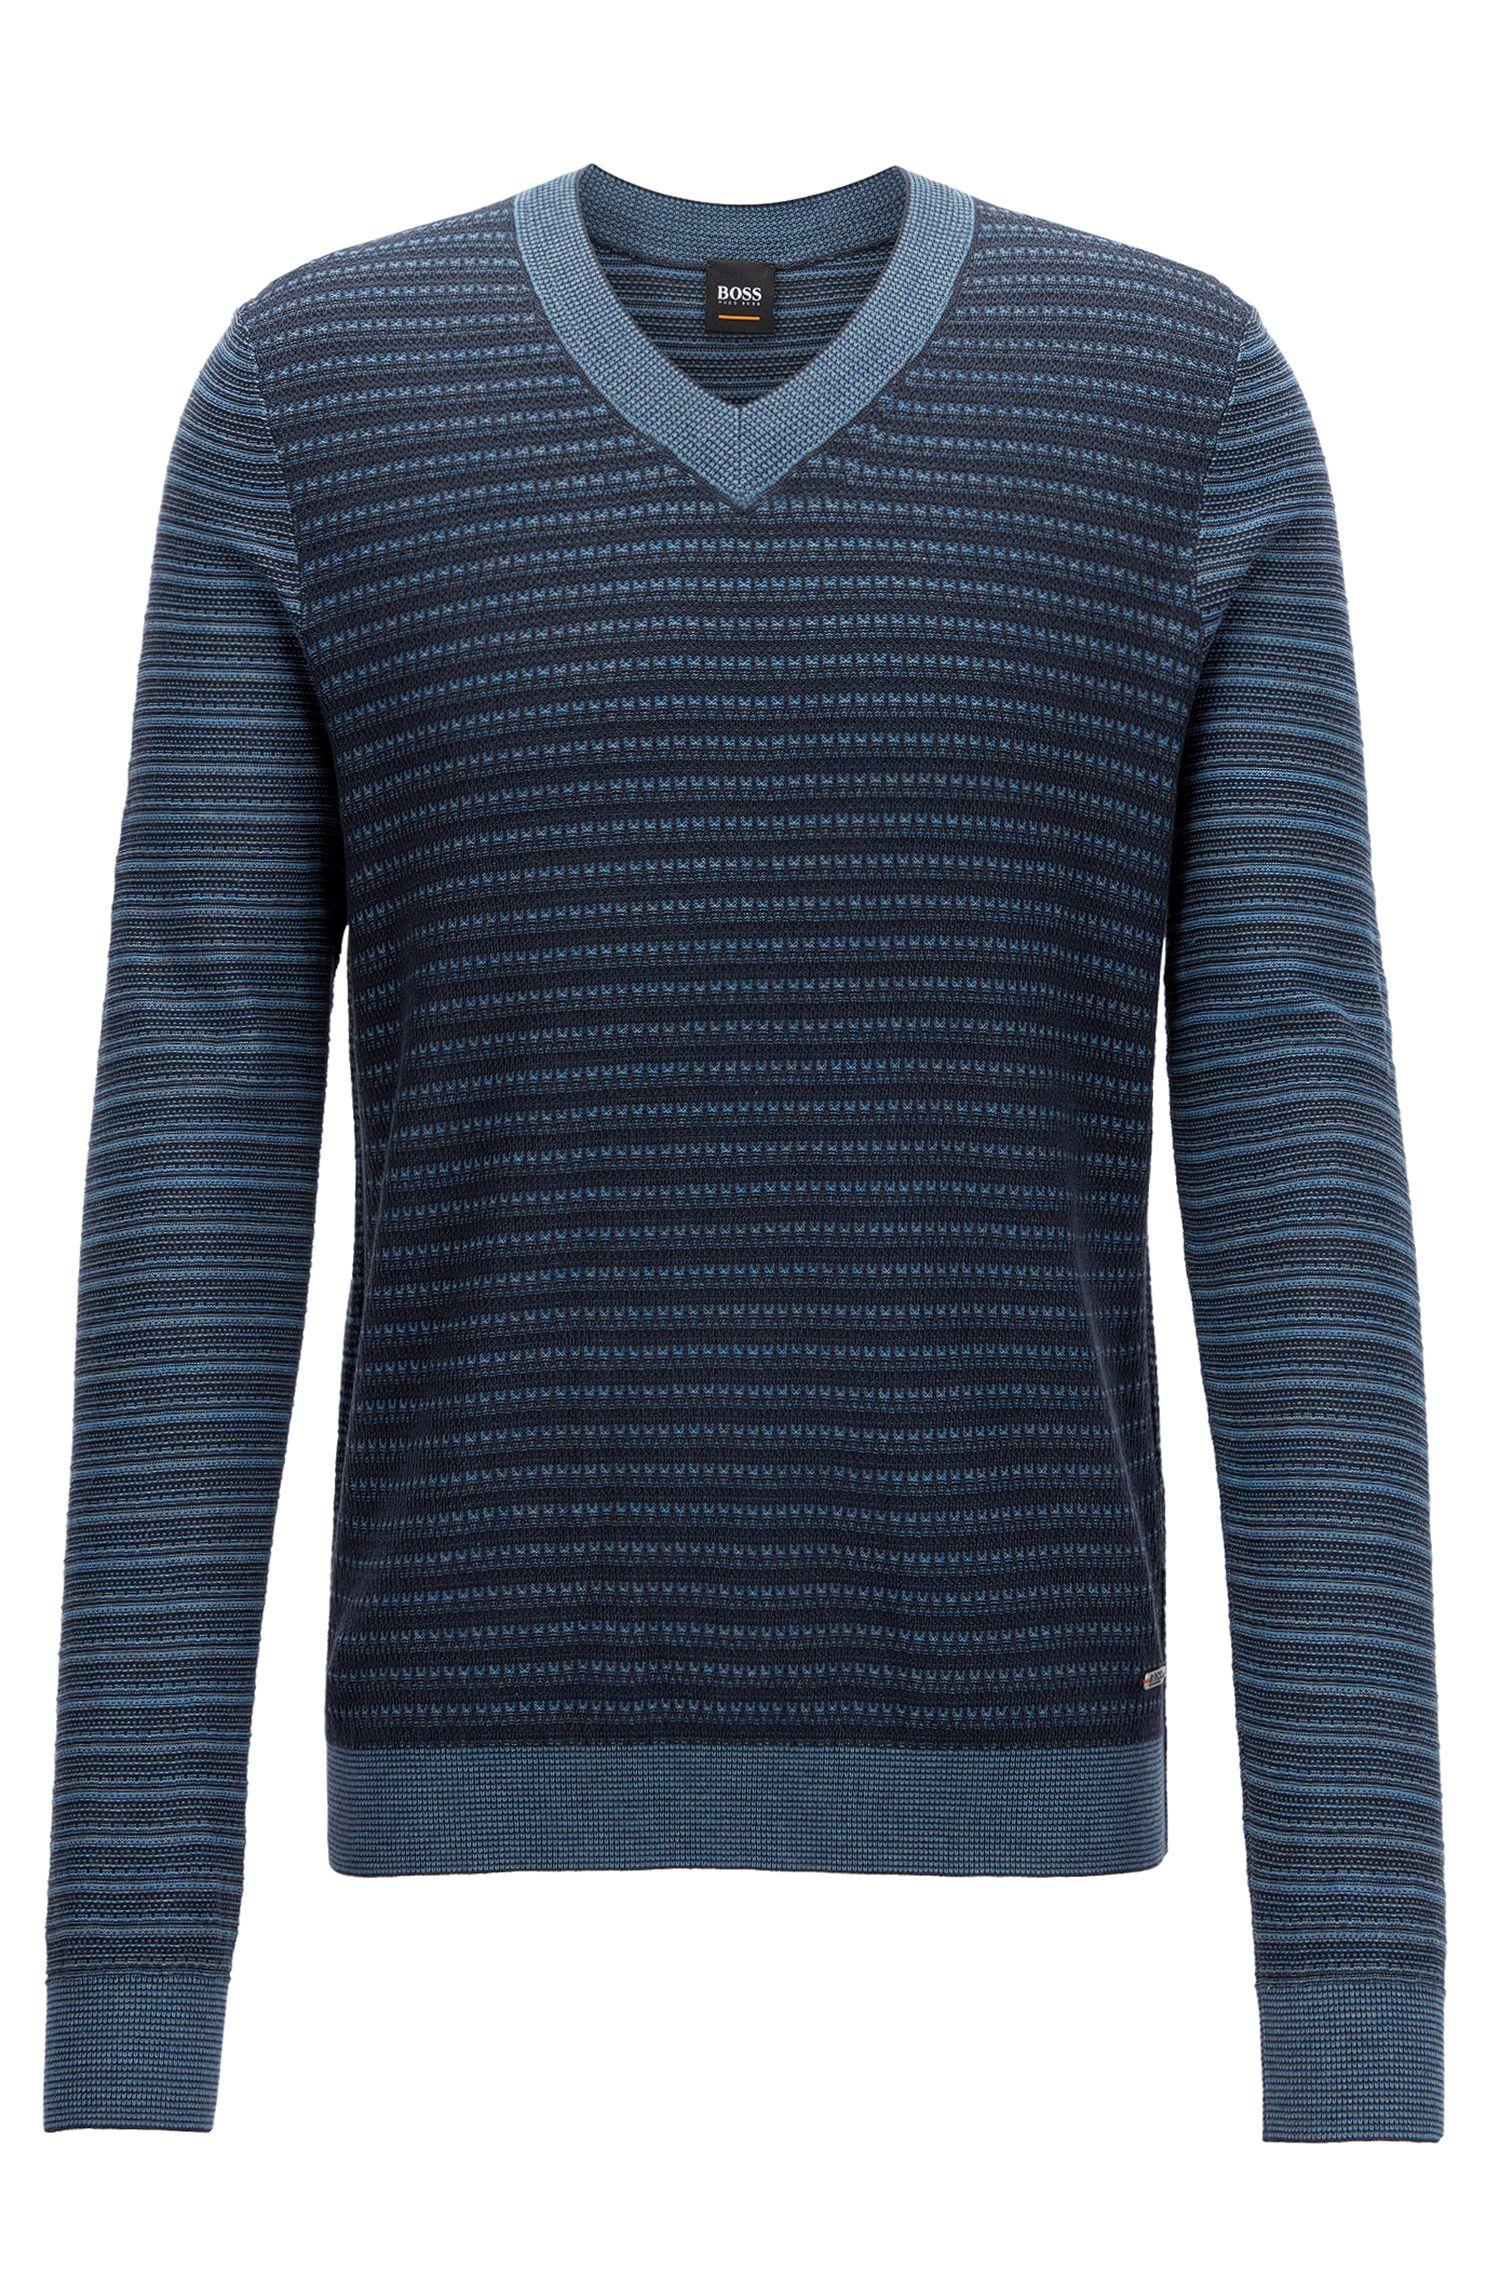 Maglione con scollo a V in misto cotone con lavorazioni 3D multi-tono